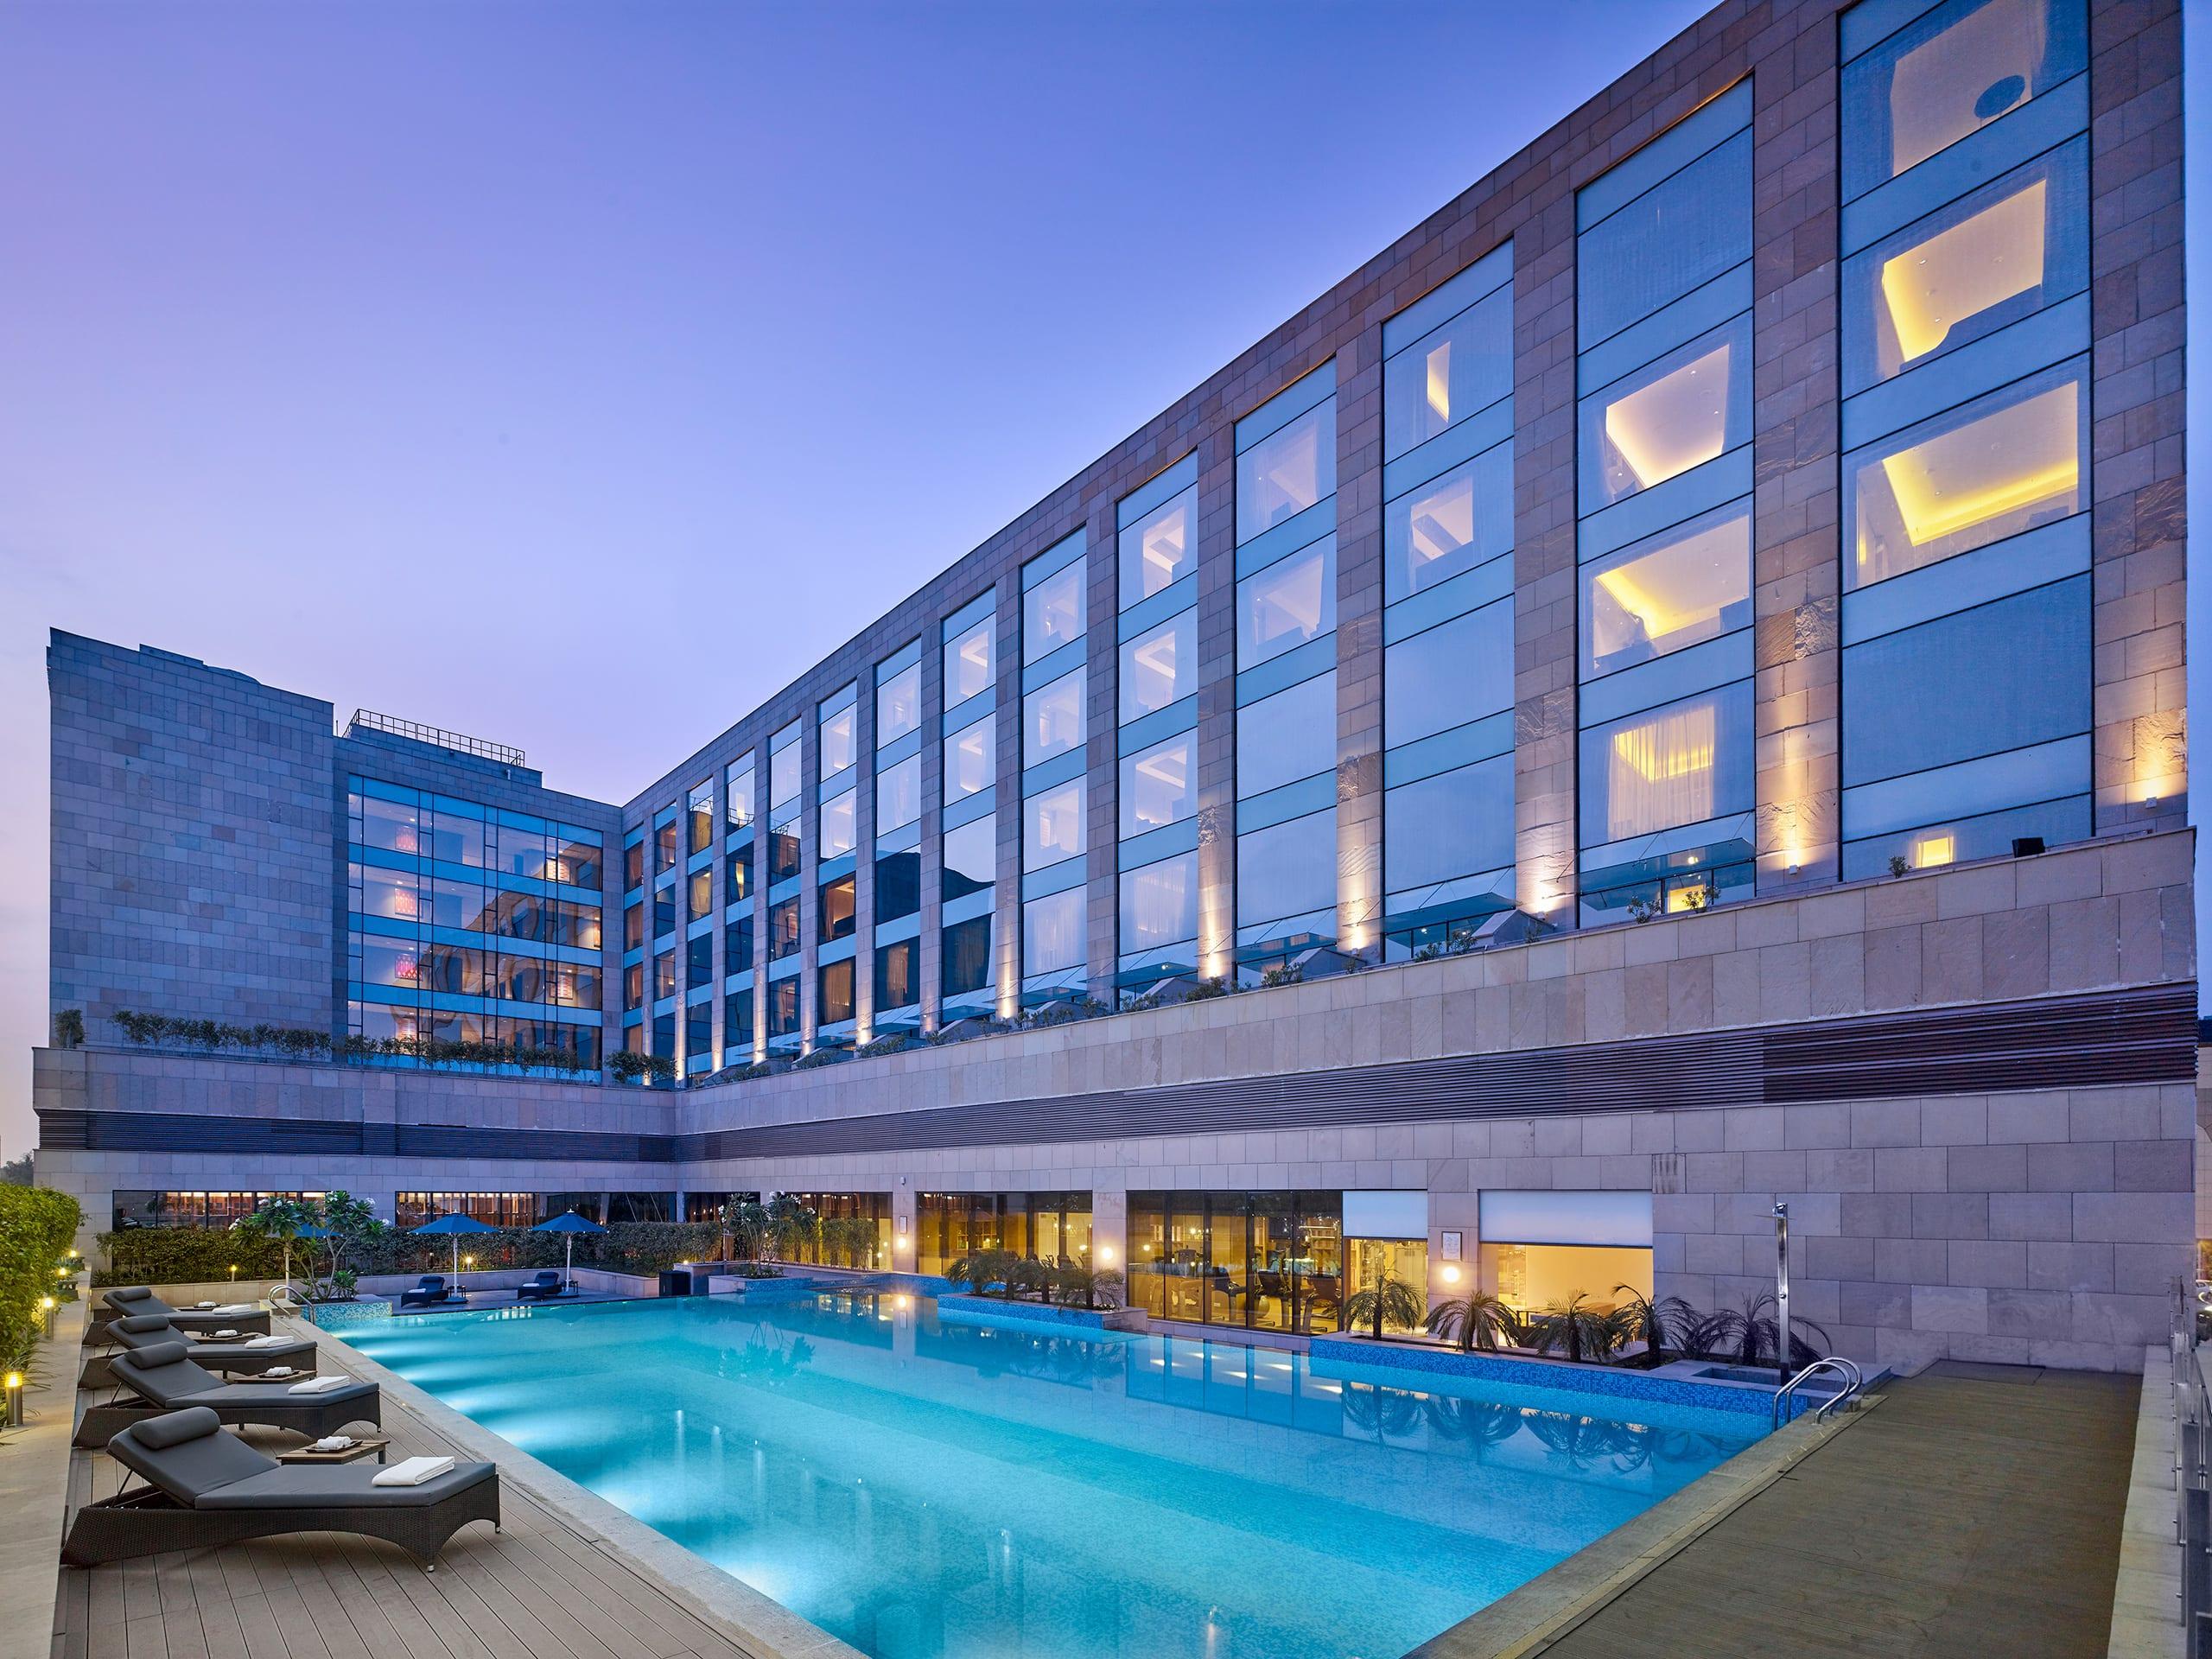 チャンディーガルの5つ星最高級ホテル ハイアット リージェンシー